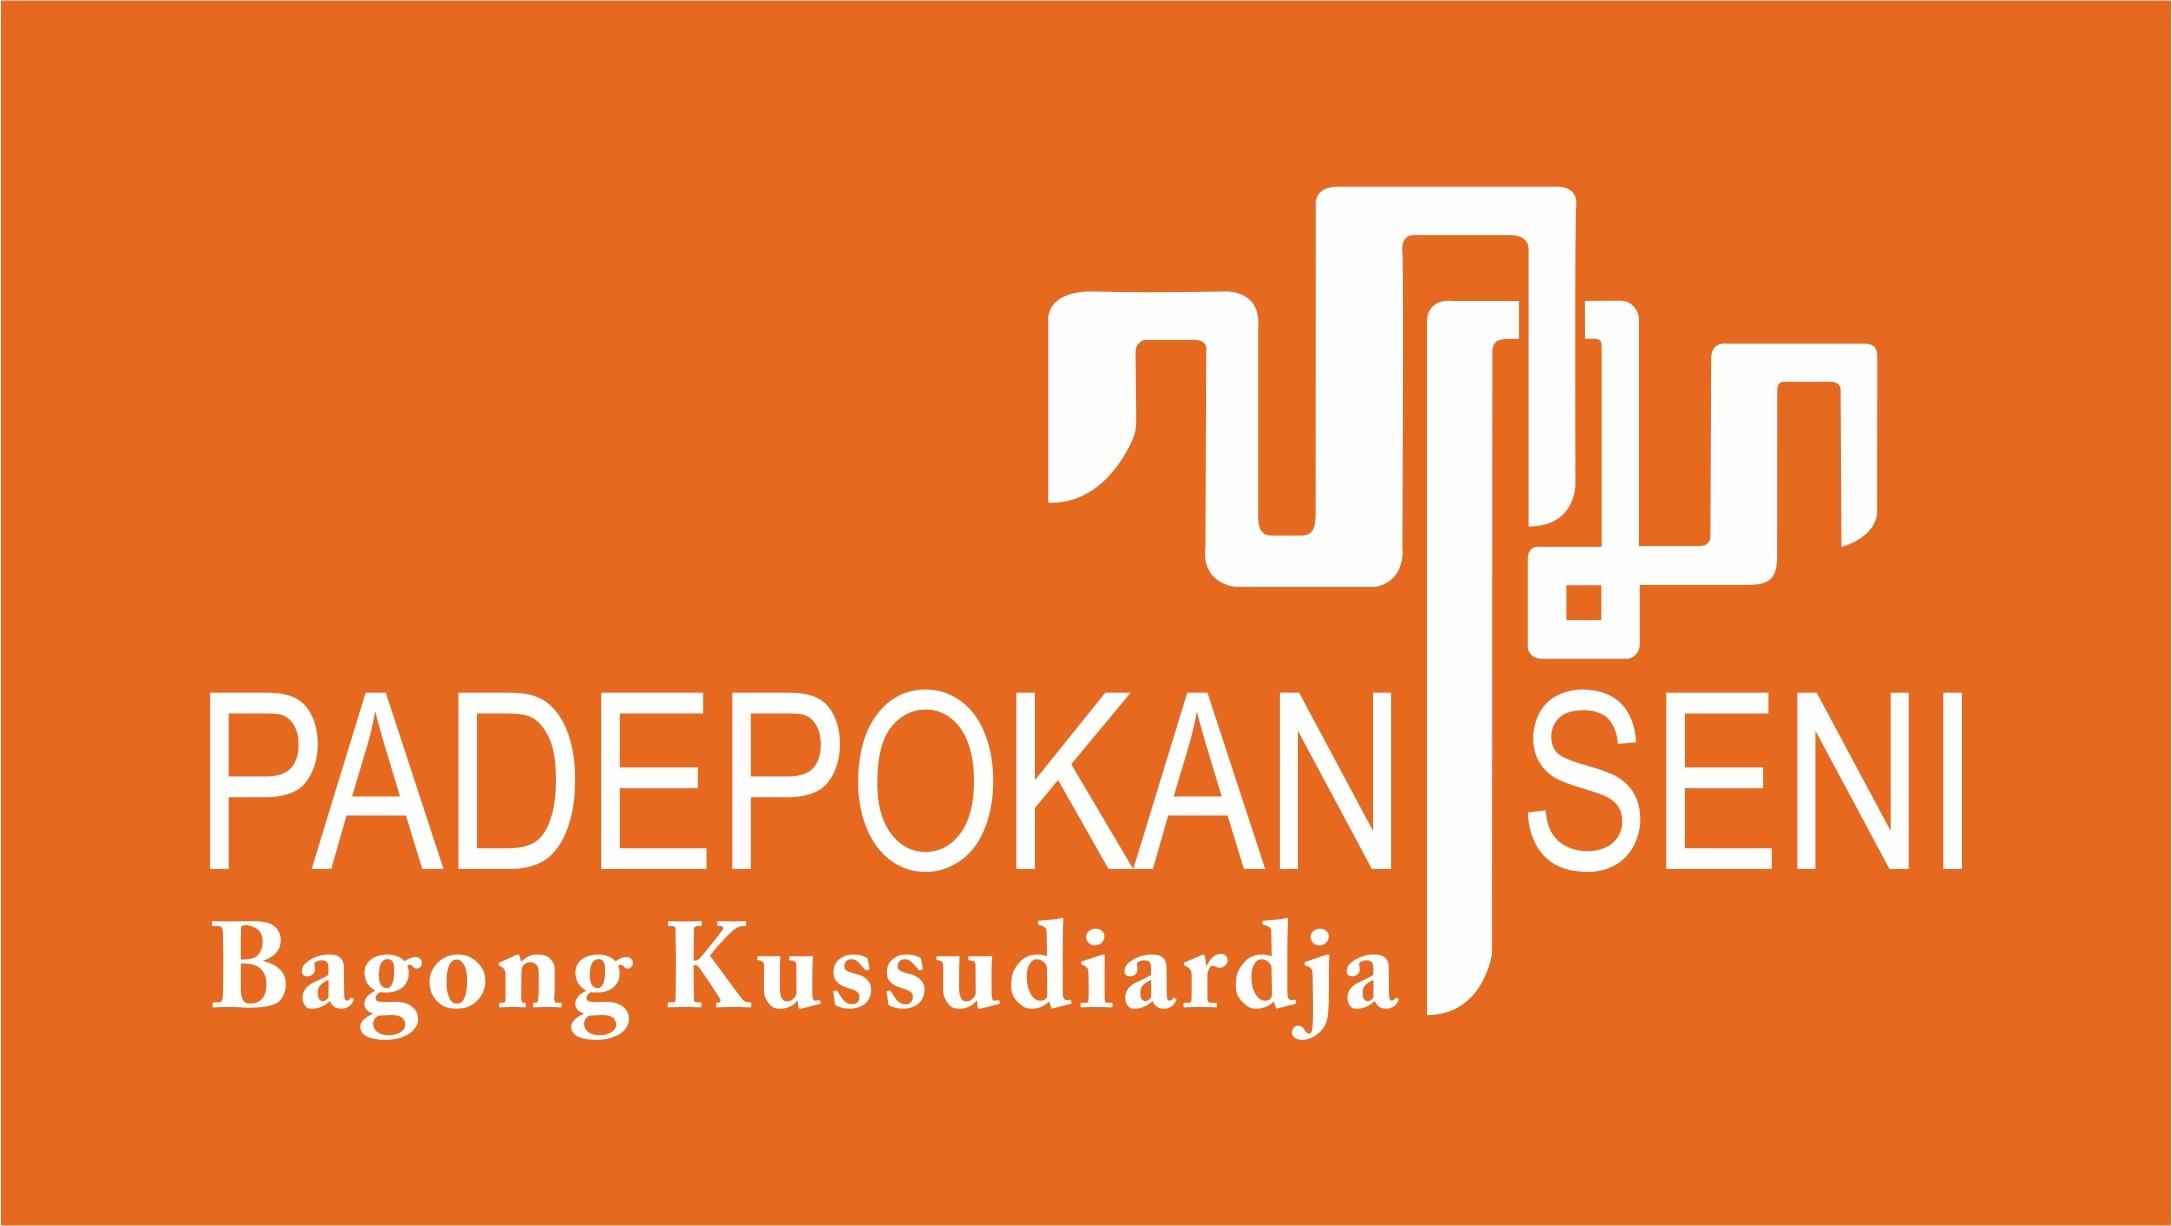 psbk logo